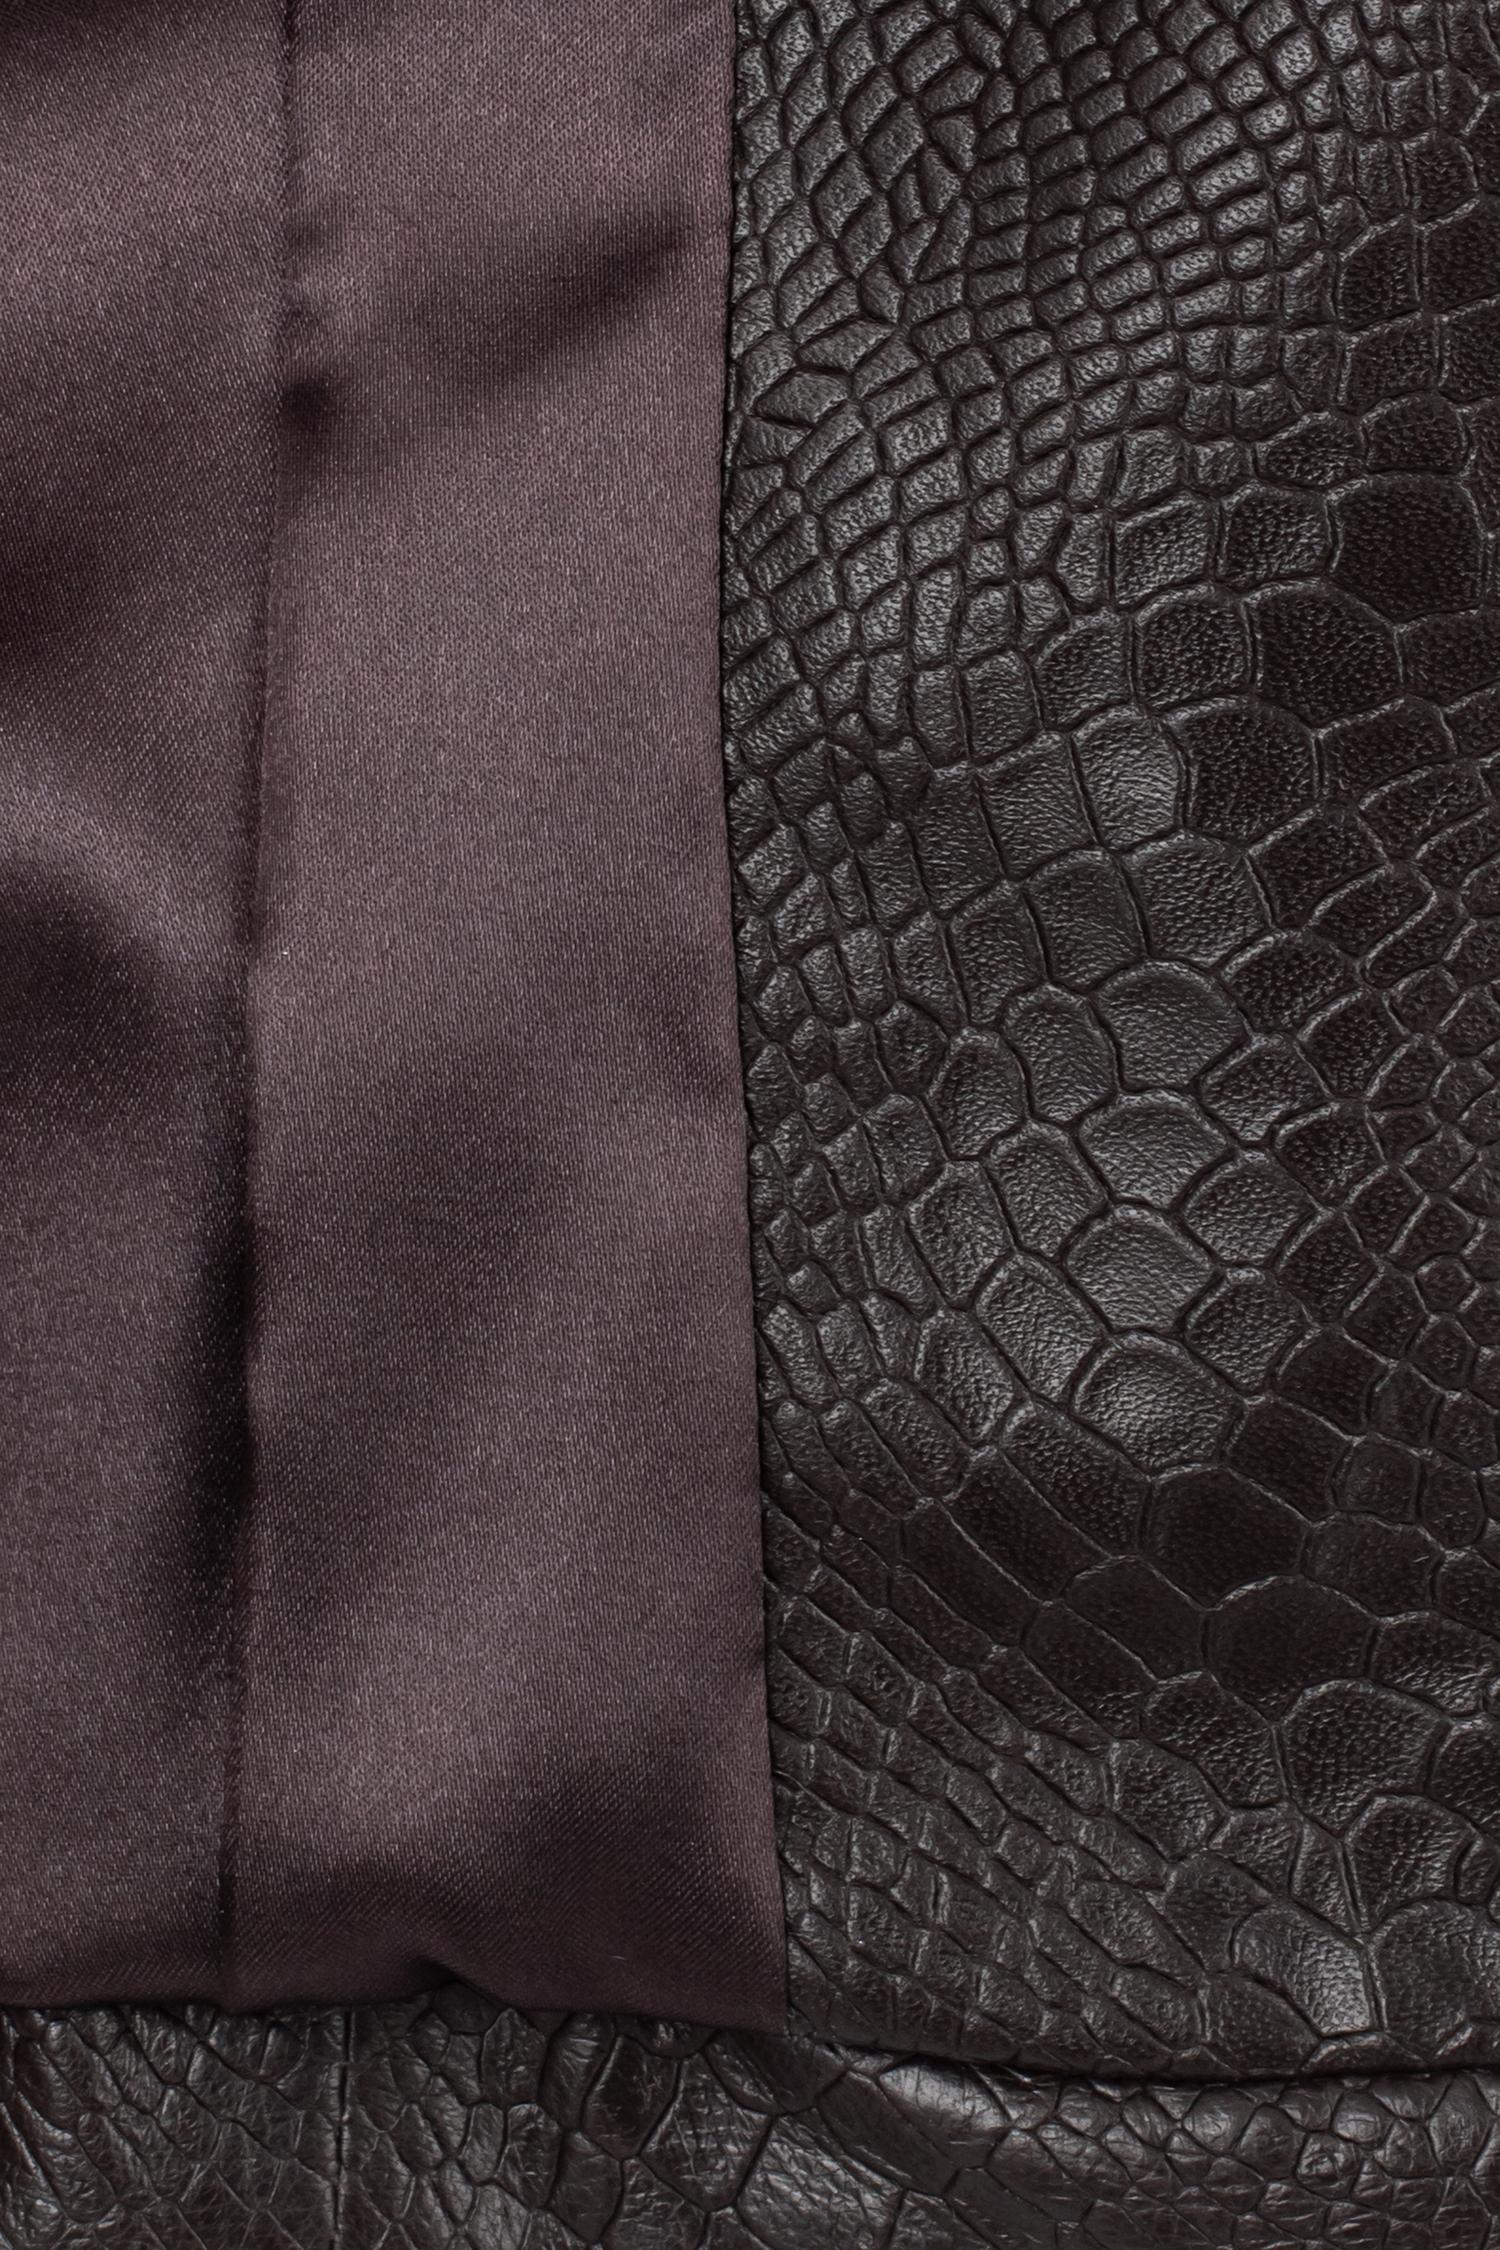 Фото 4 - Женская кожаная куртка из натуральной кожи без воротника от МОСМЕХА коричневого цвета